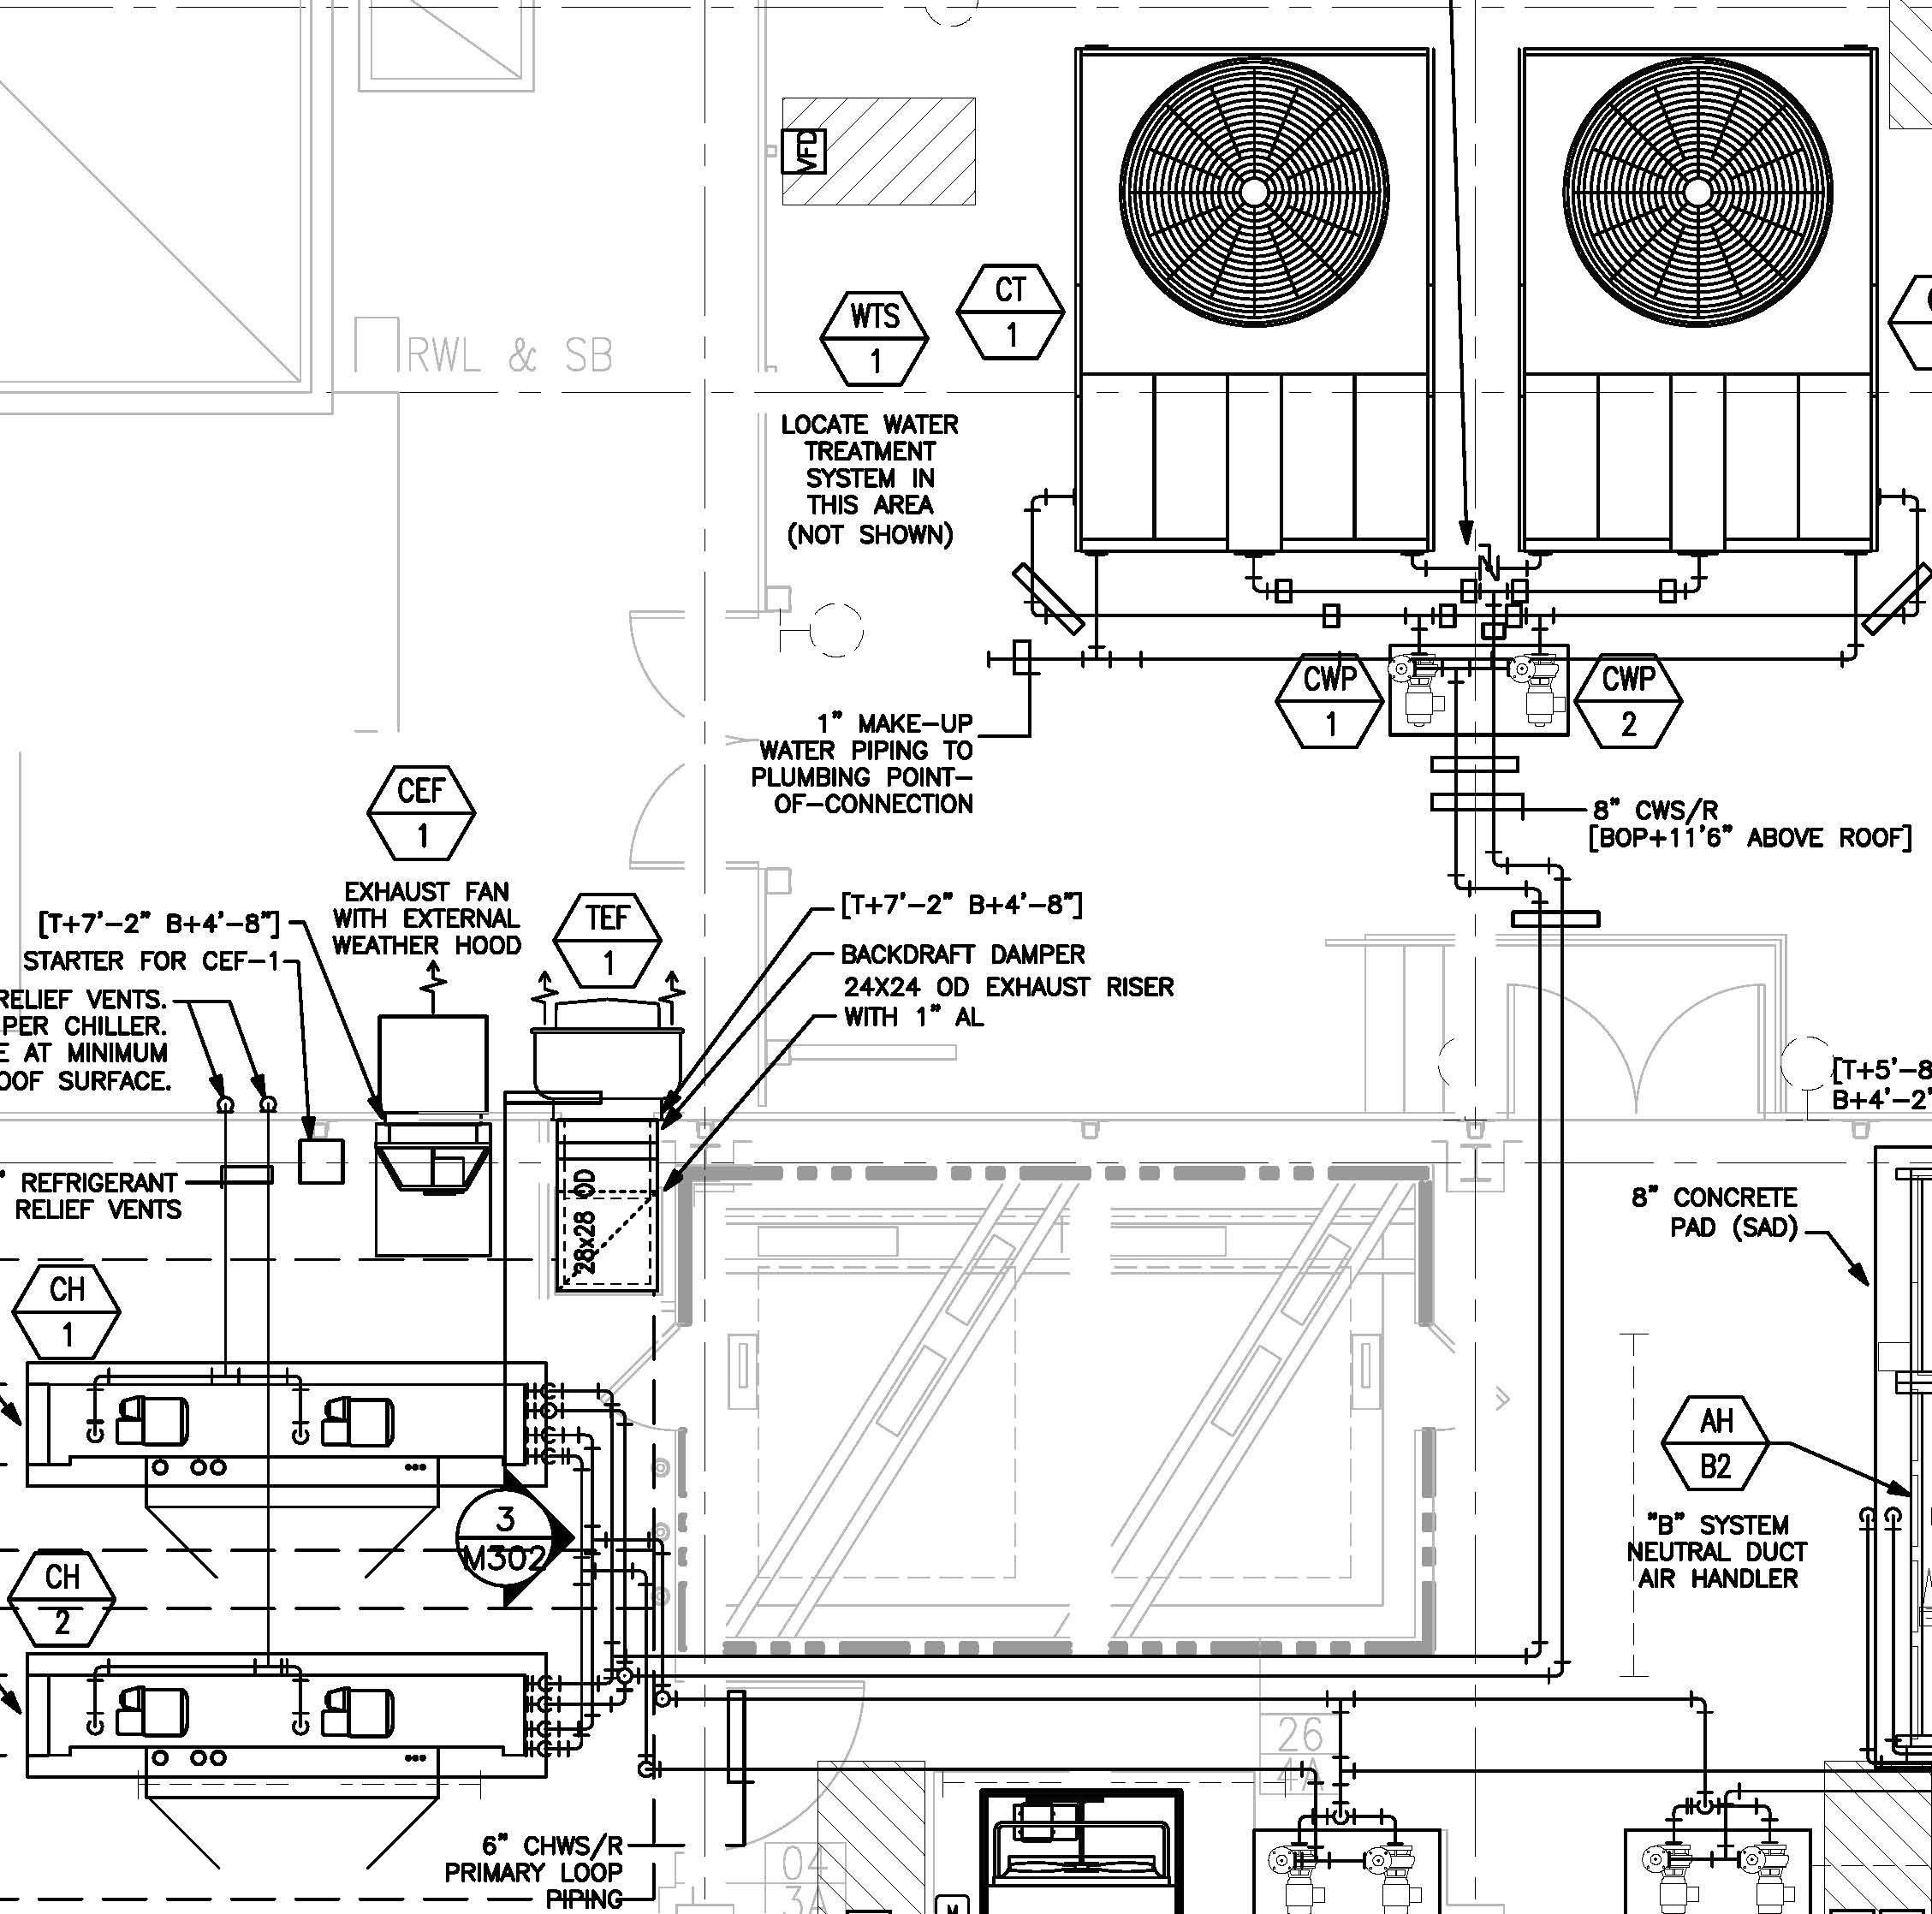 Basic Air Brake System Diagram Hvac Wiring Diagram Test Wiring Diagram Datasource